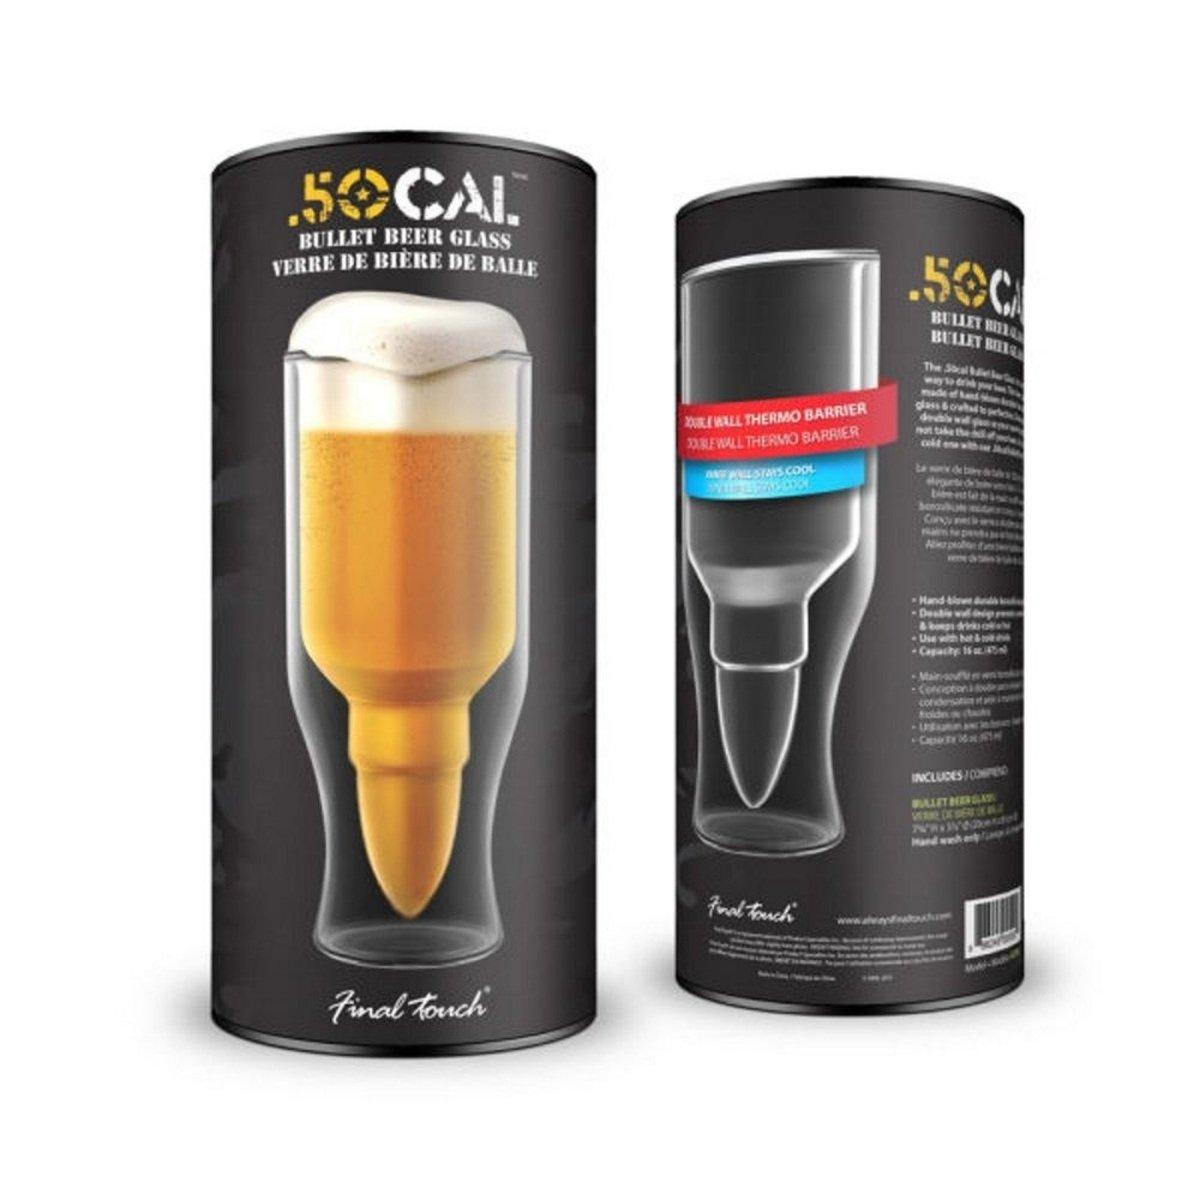 子彈型啤酒杯